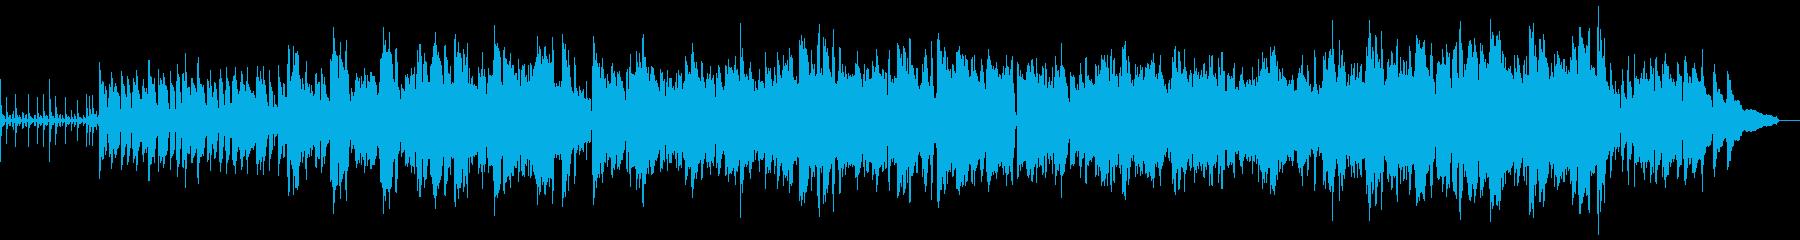 昼下がりのボサノバの再生済みの波形